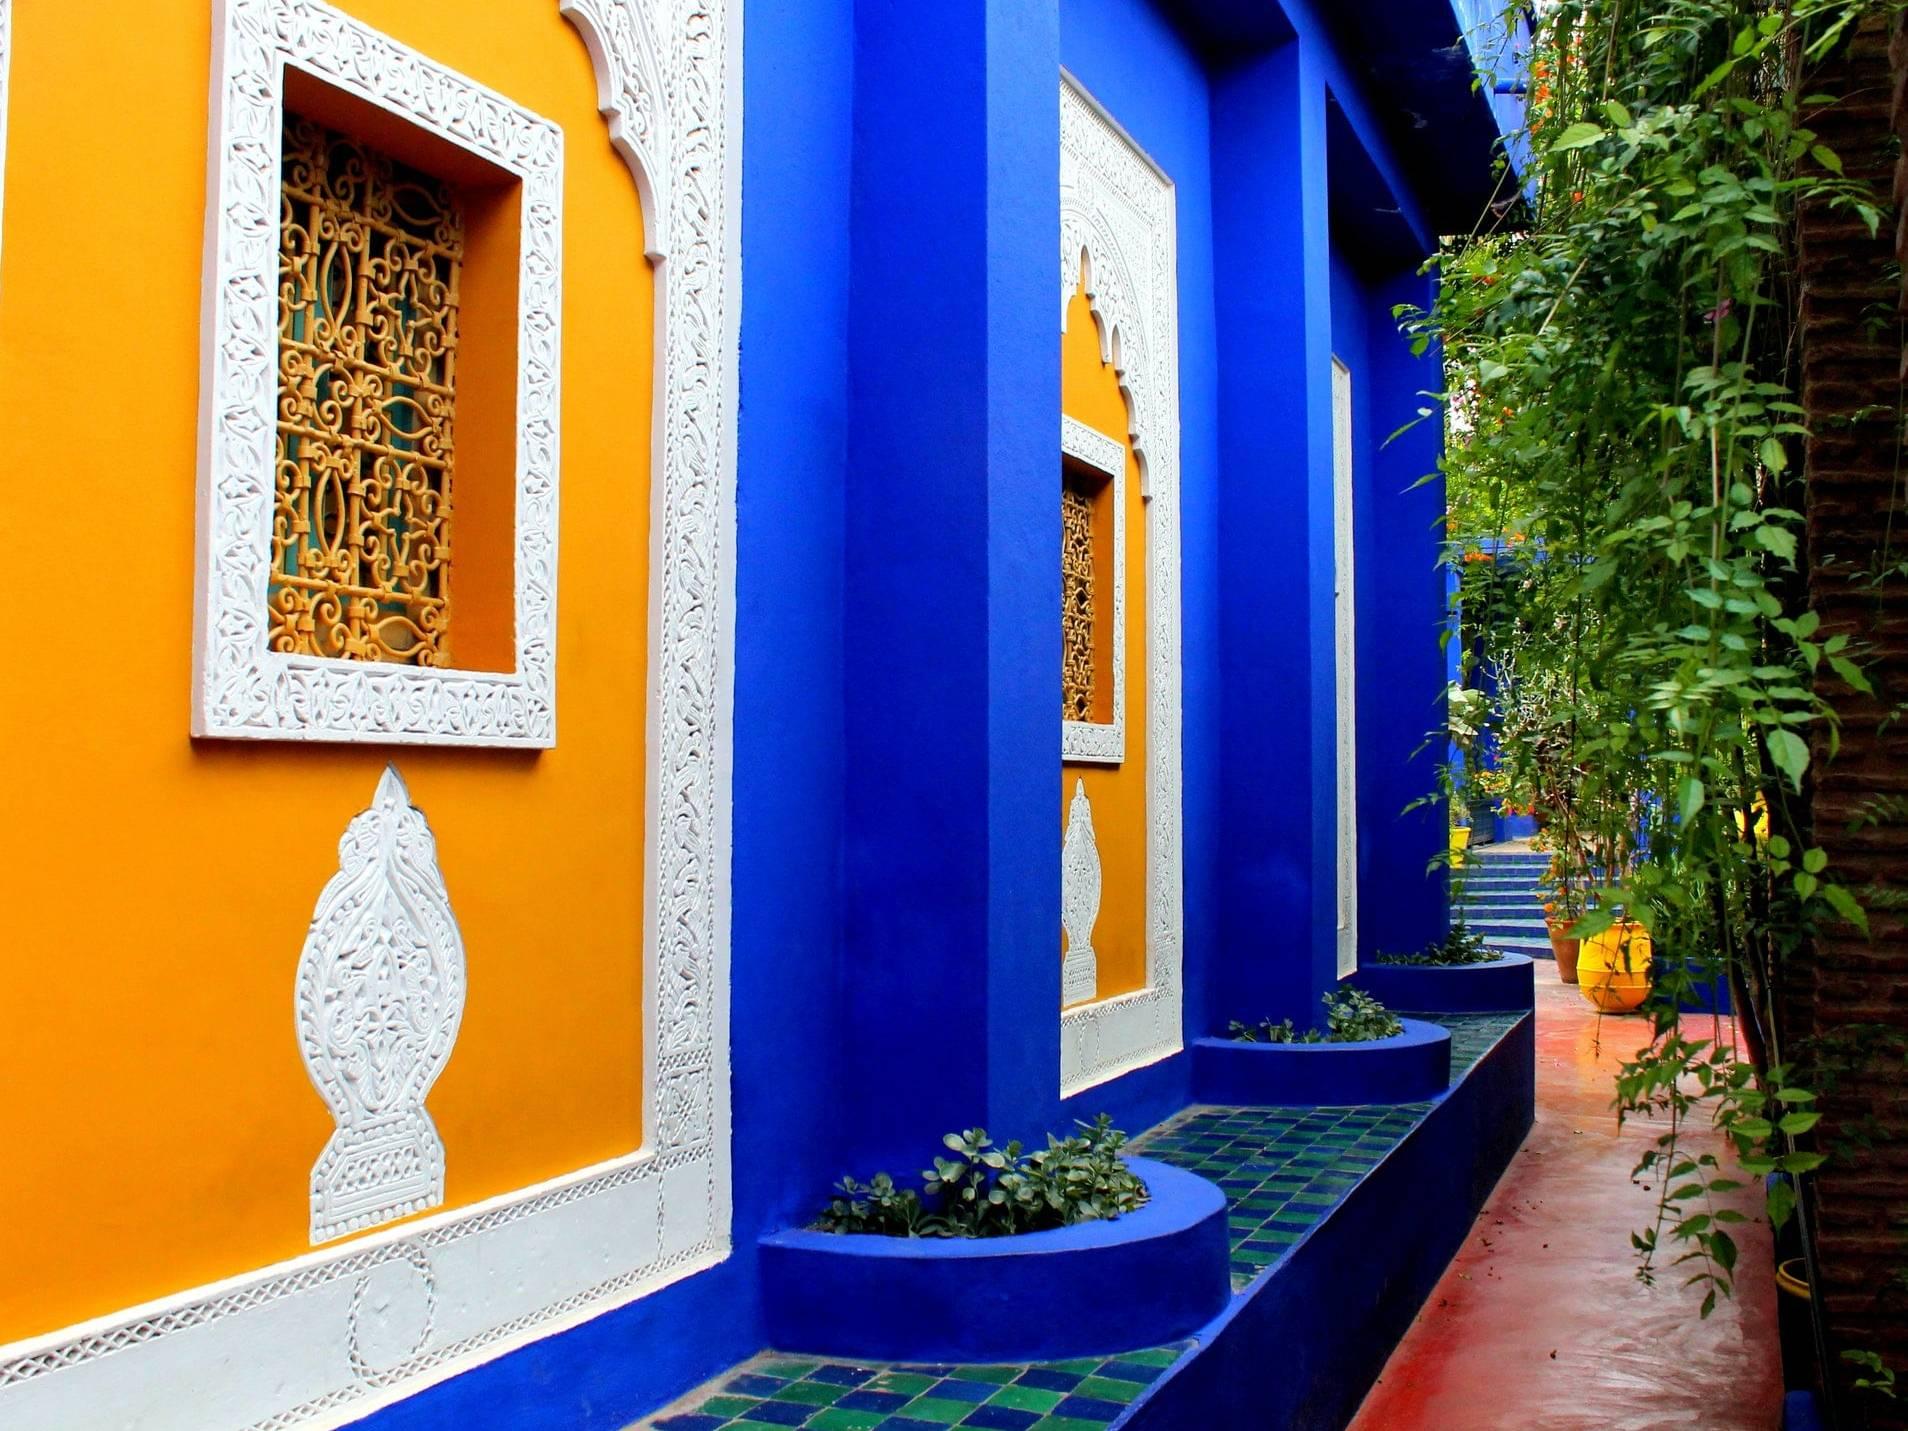 Marrakesh Blue được sửu dụng xuyên suốt khu vườn